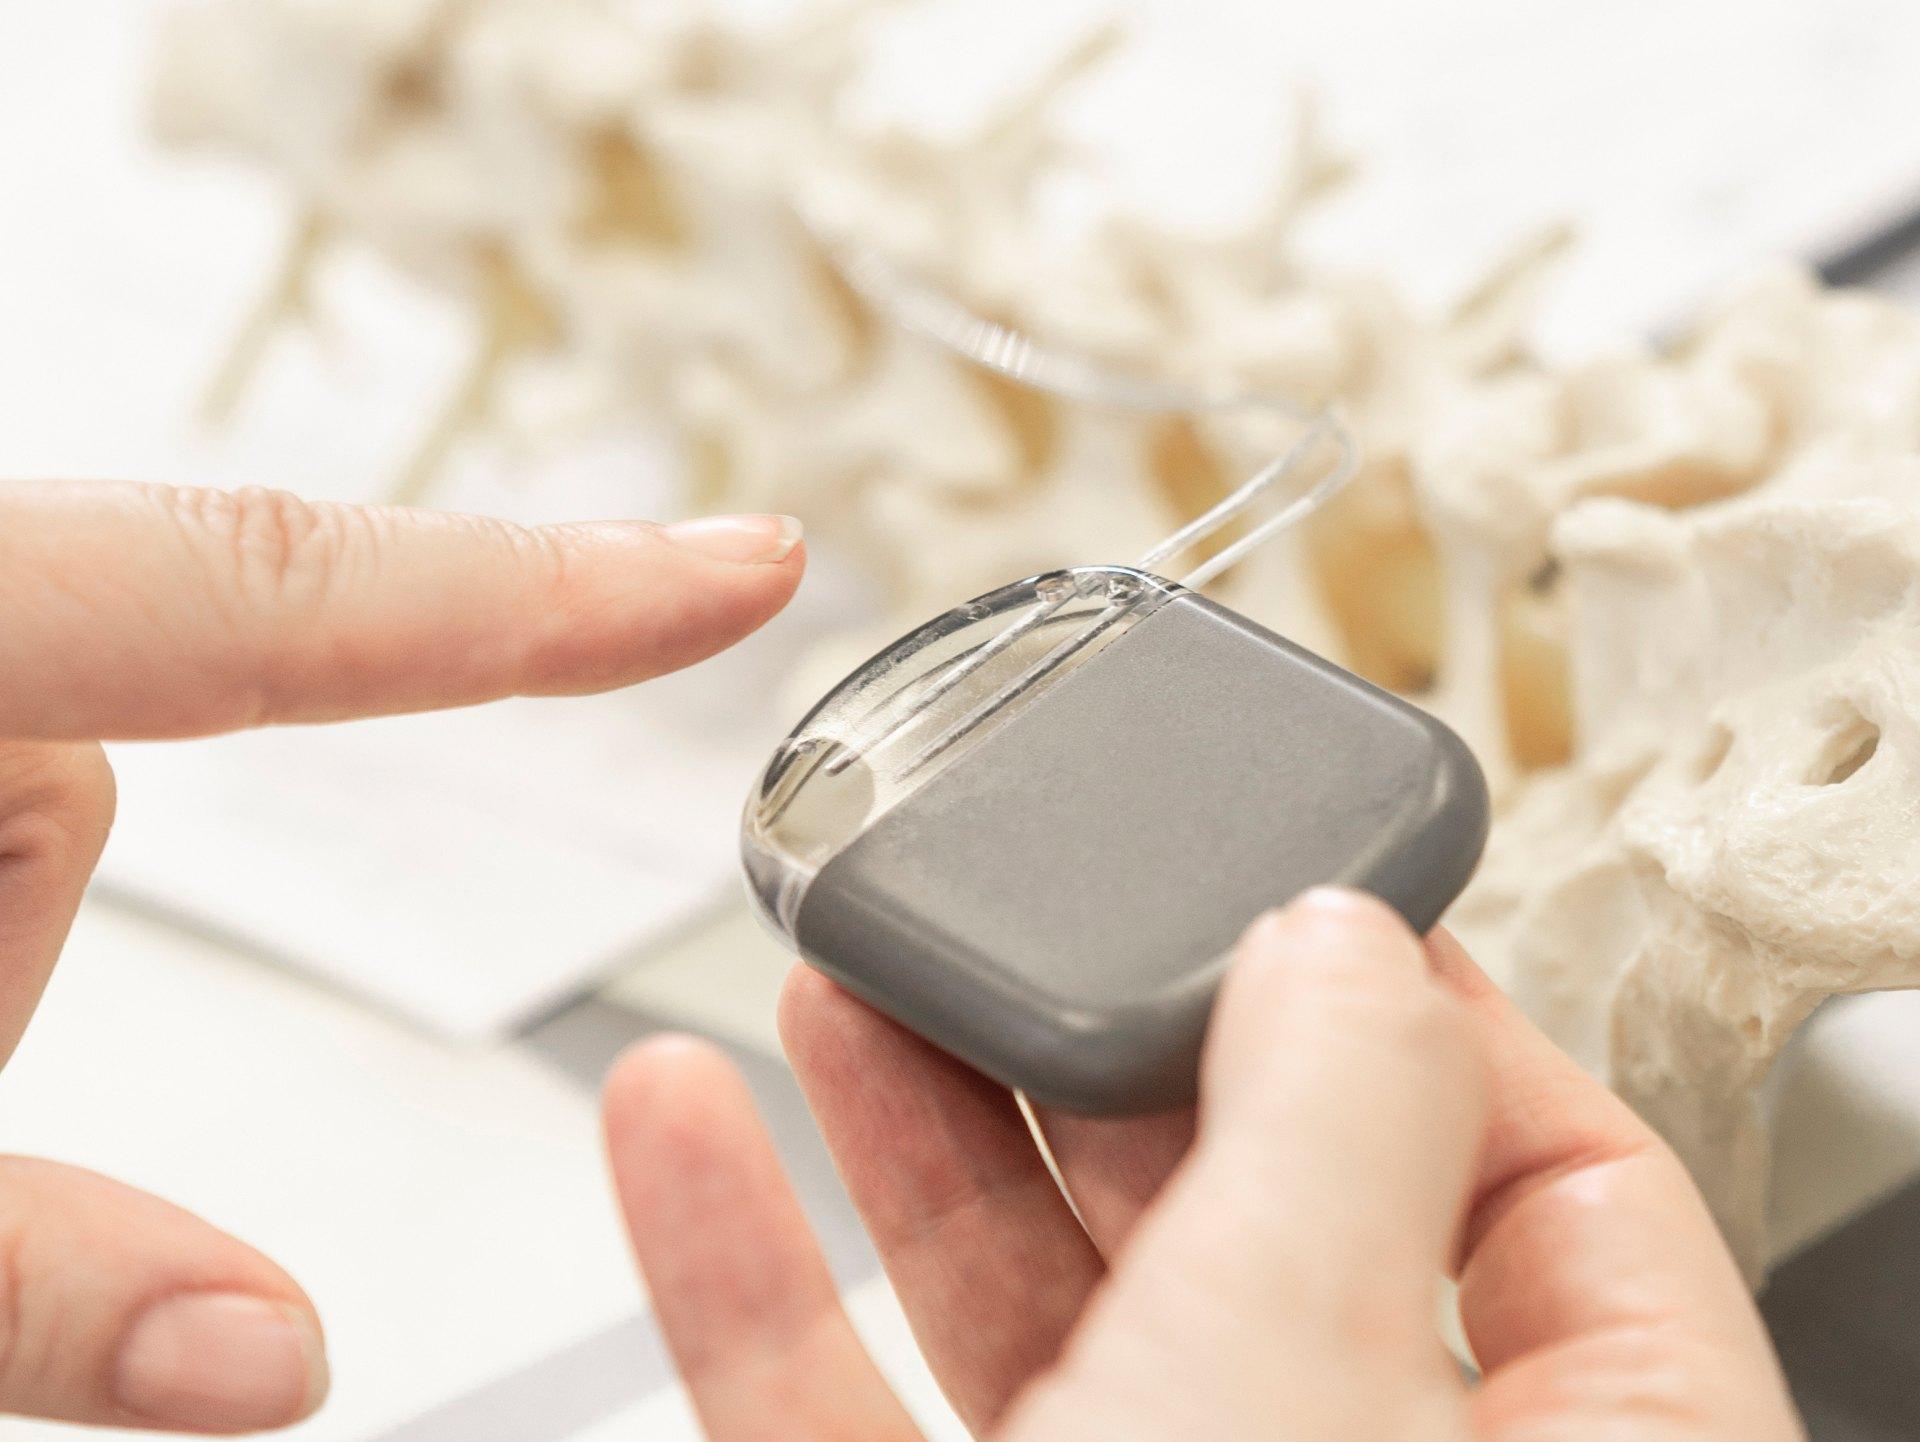 «Douleurs chroniques: la neurostimulation peut sensiblement améliorer la qualité de vie»